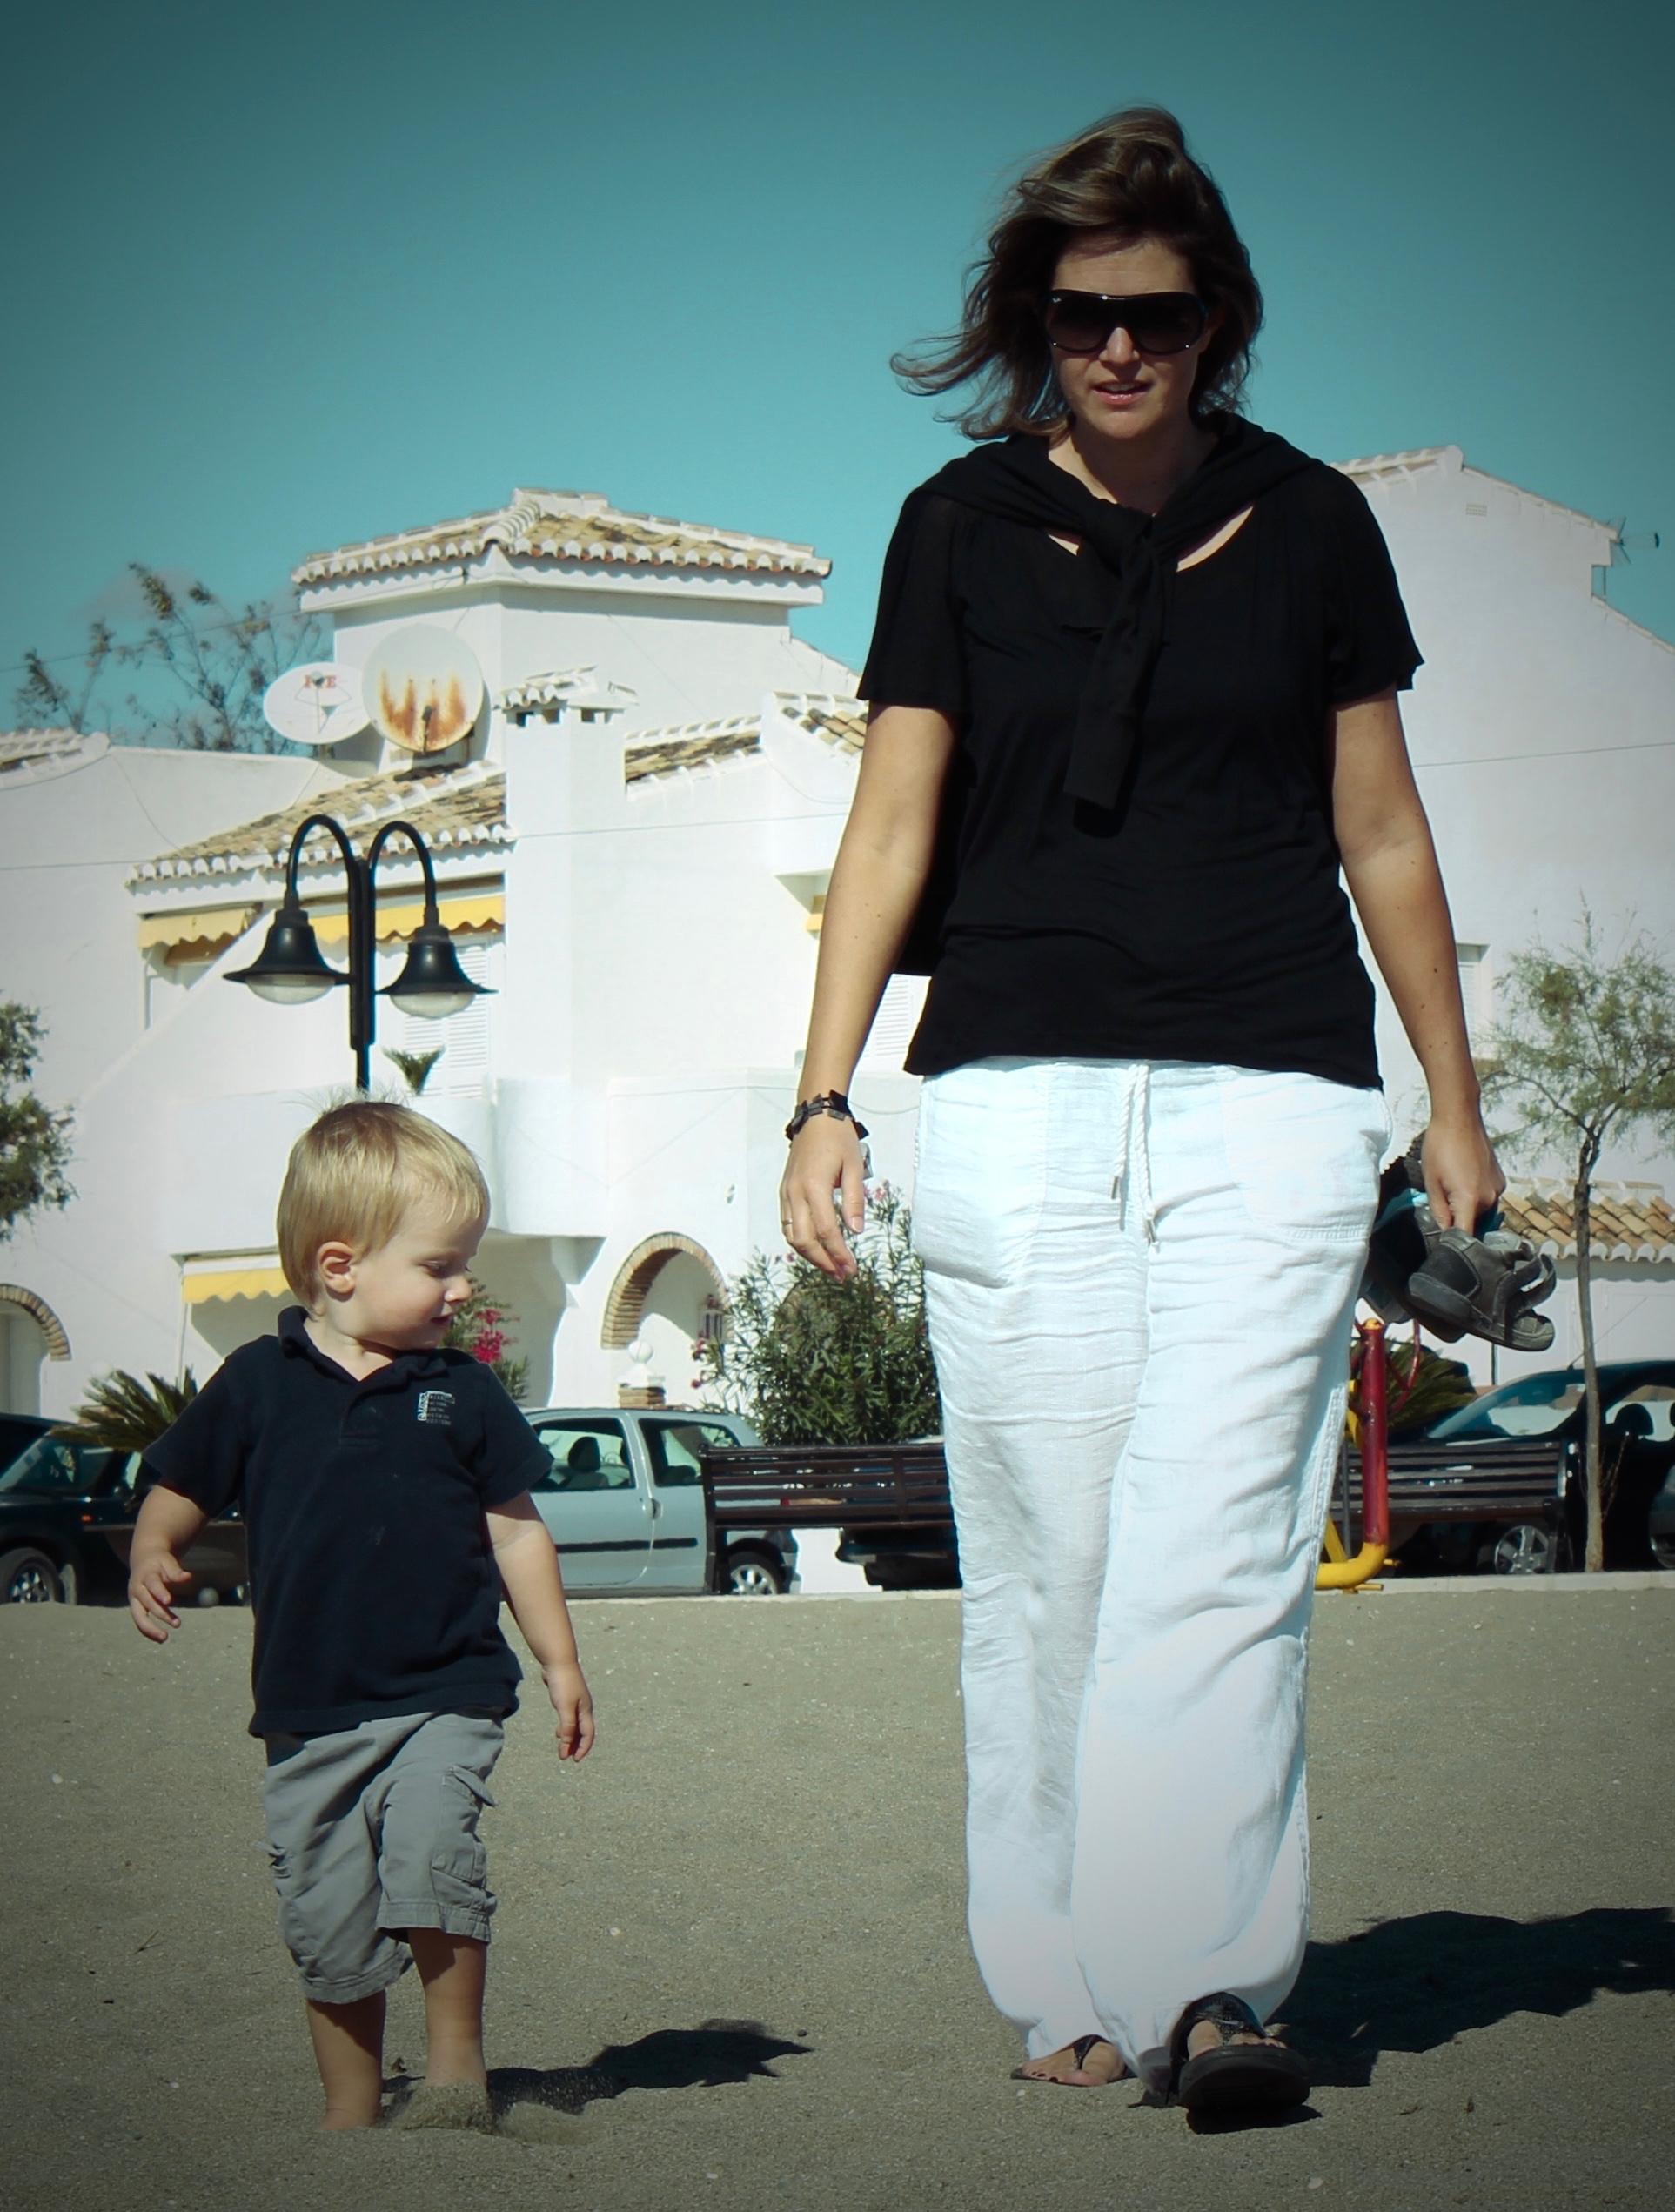 zoontje kijkt en imiteert hoe mama in het zand stapt